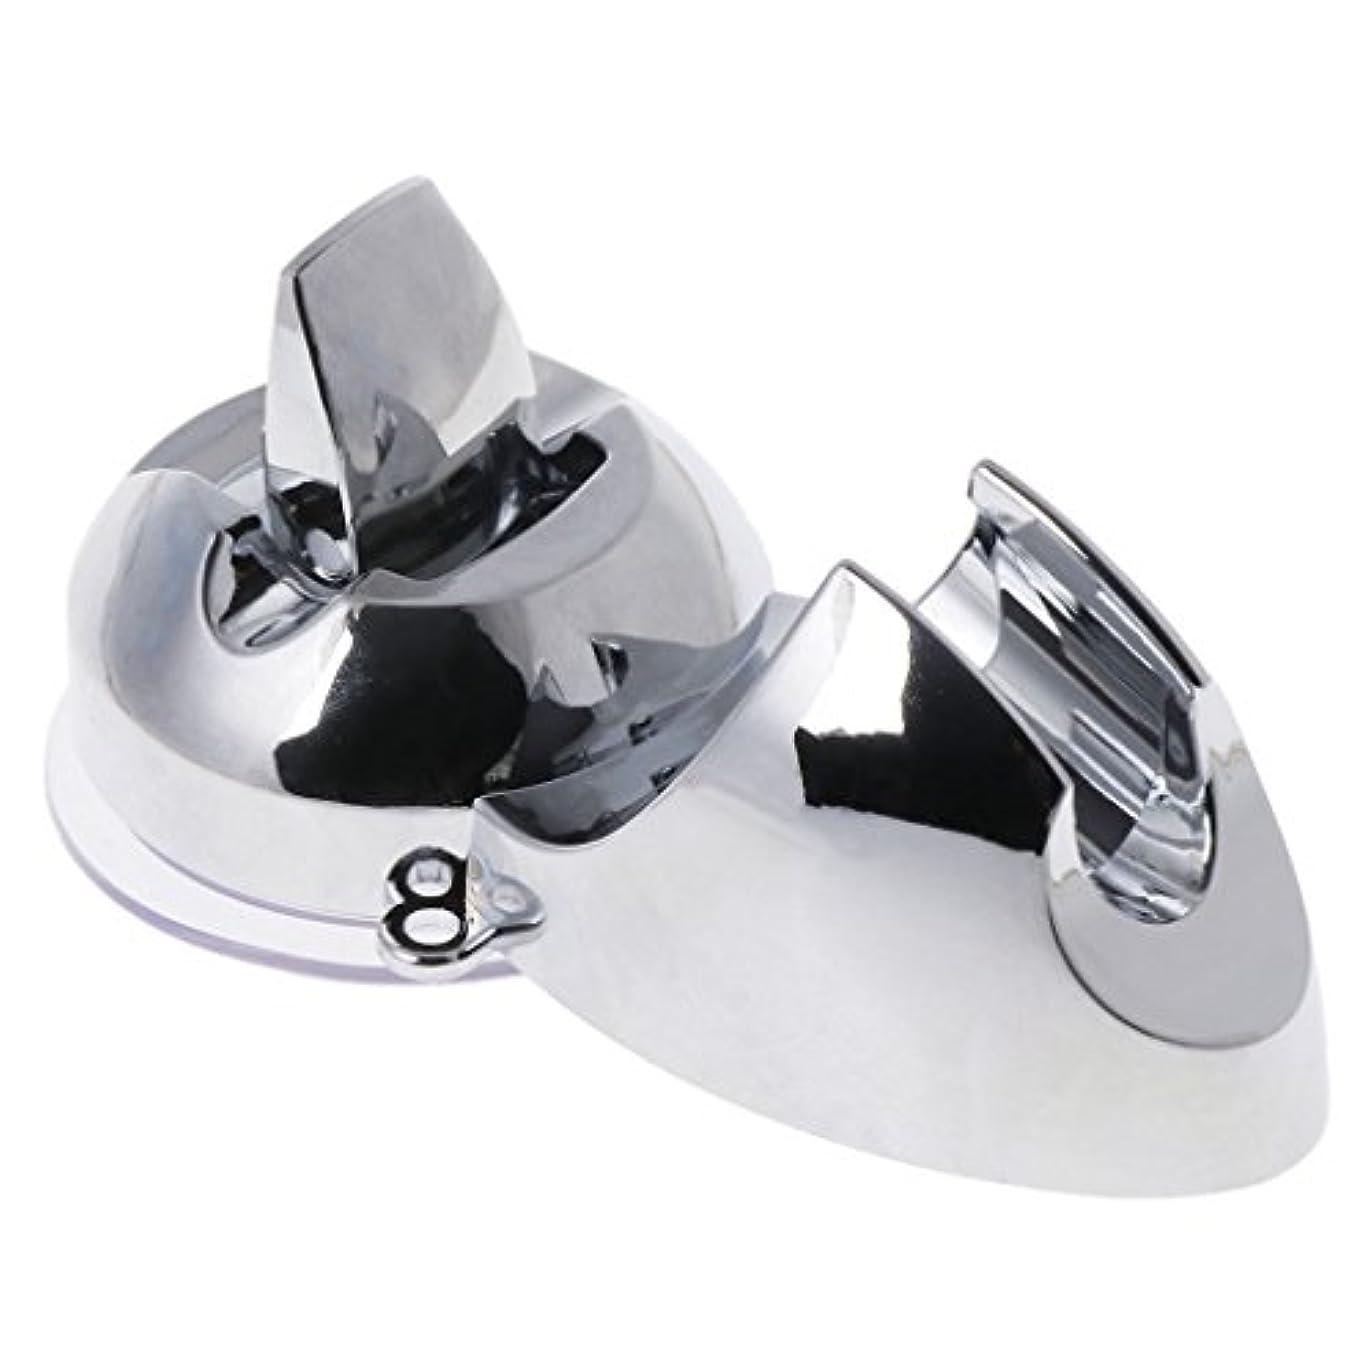 美人強大なアセンブリLamdooヘッドホルダー調整ドリルマウントなしの取り付け可能なシャワーハンドサクションカップ